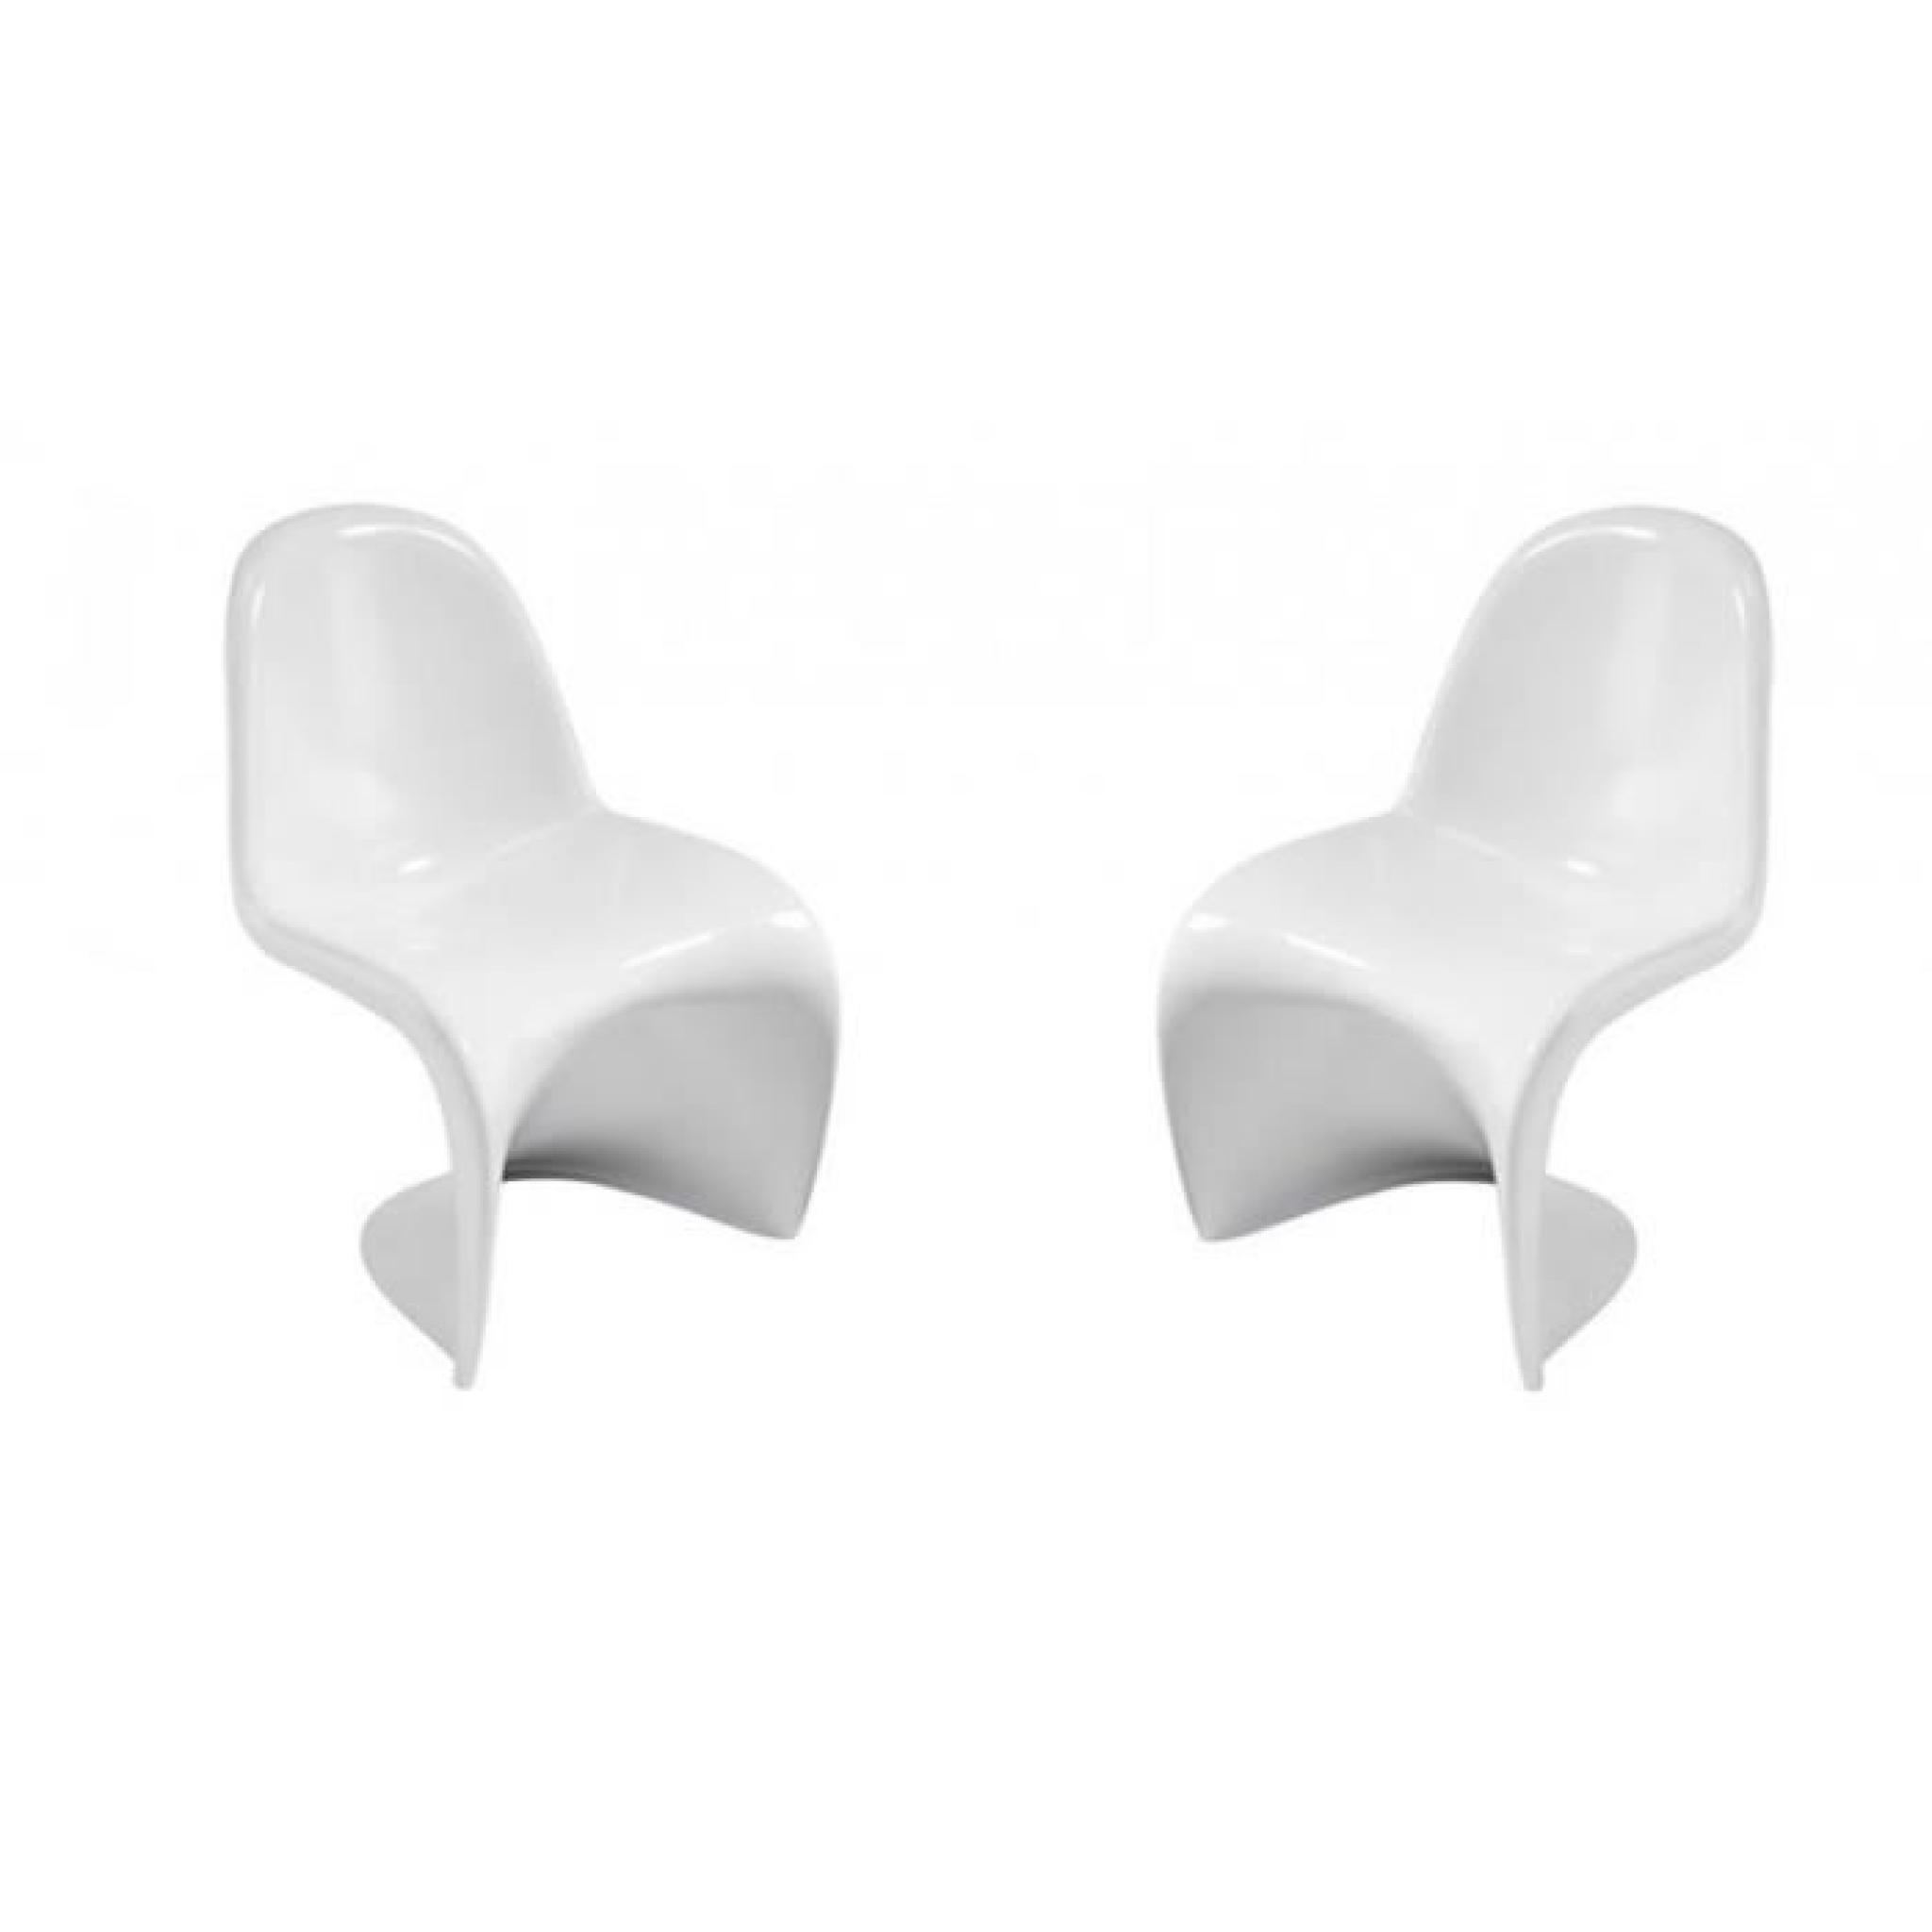 Slash blanche lot de 2 chaises design empilables achat - Chaises design blanche ...